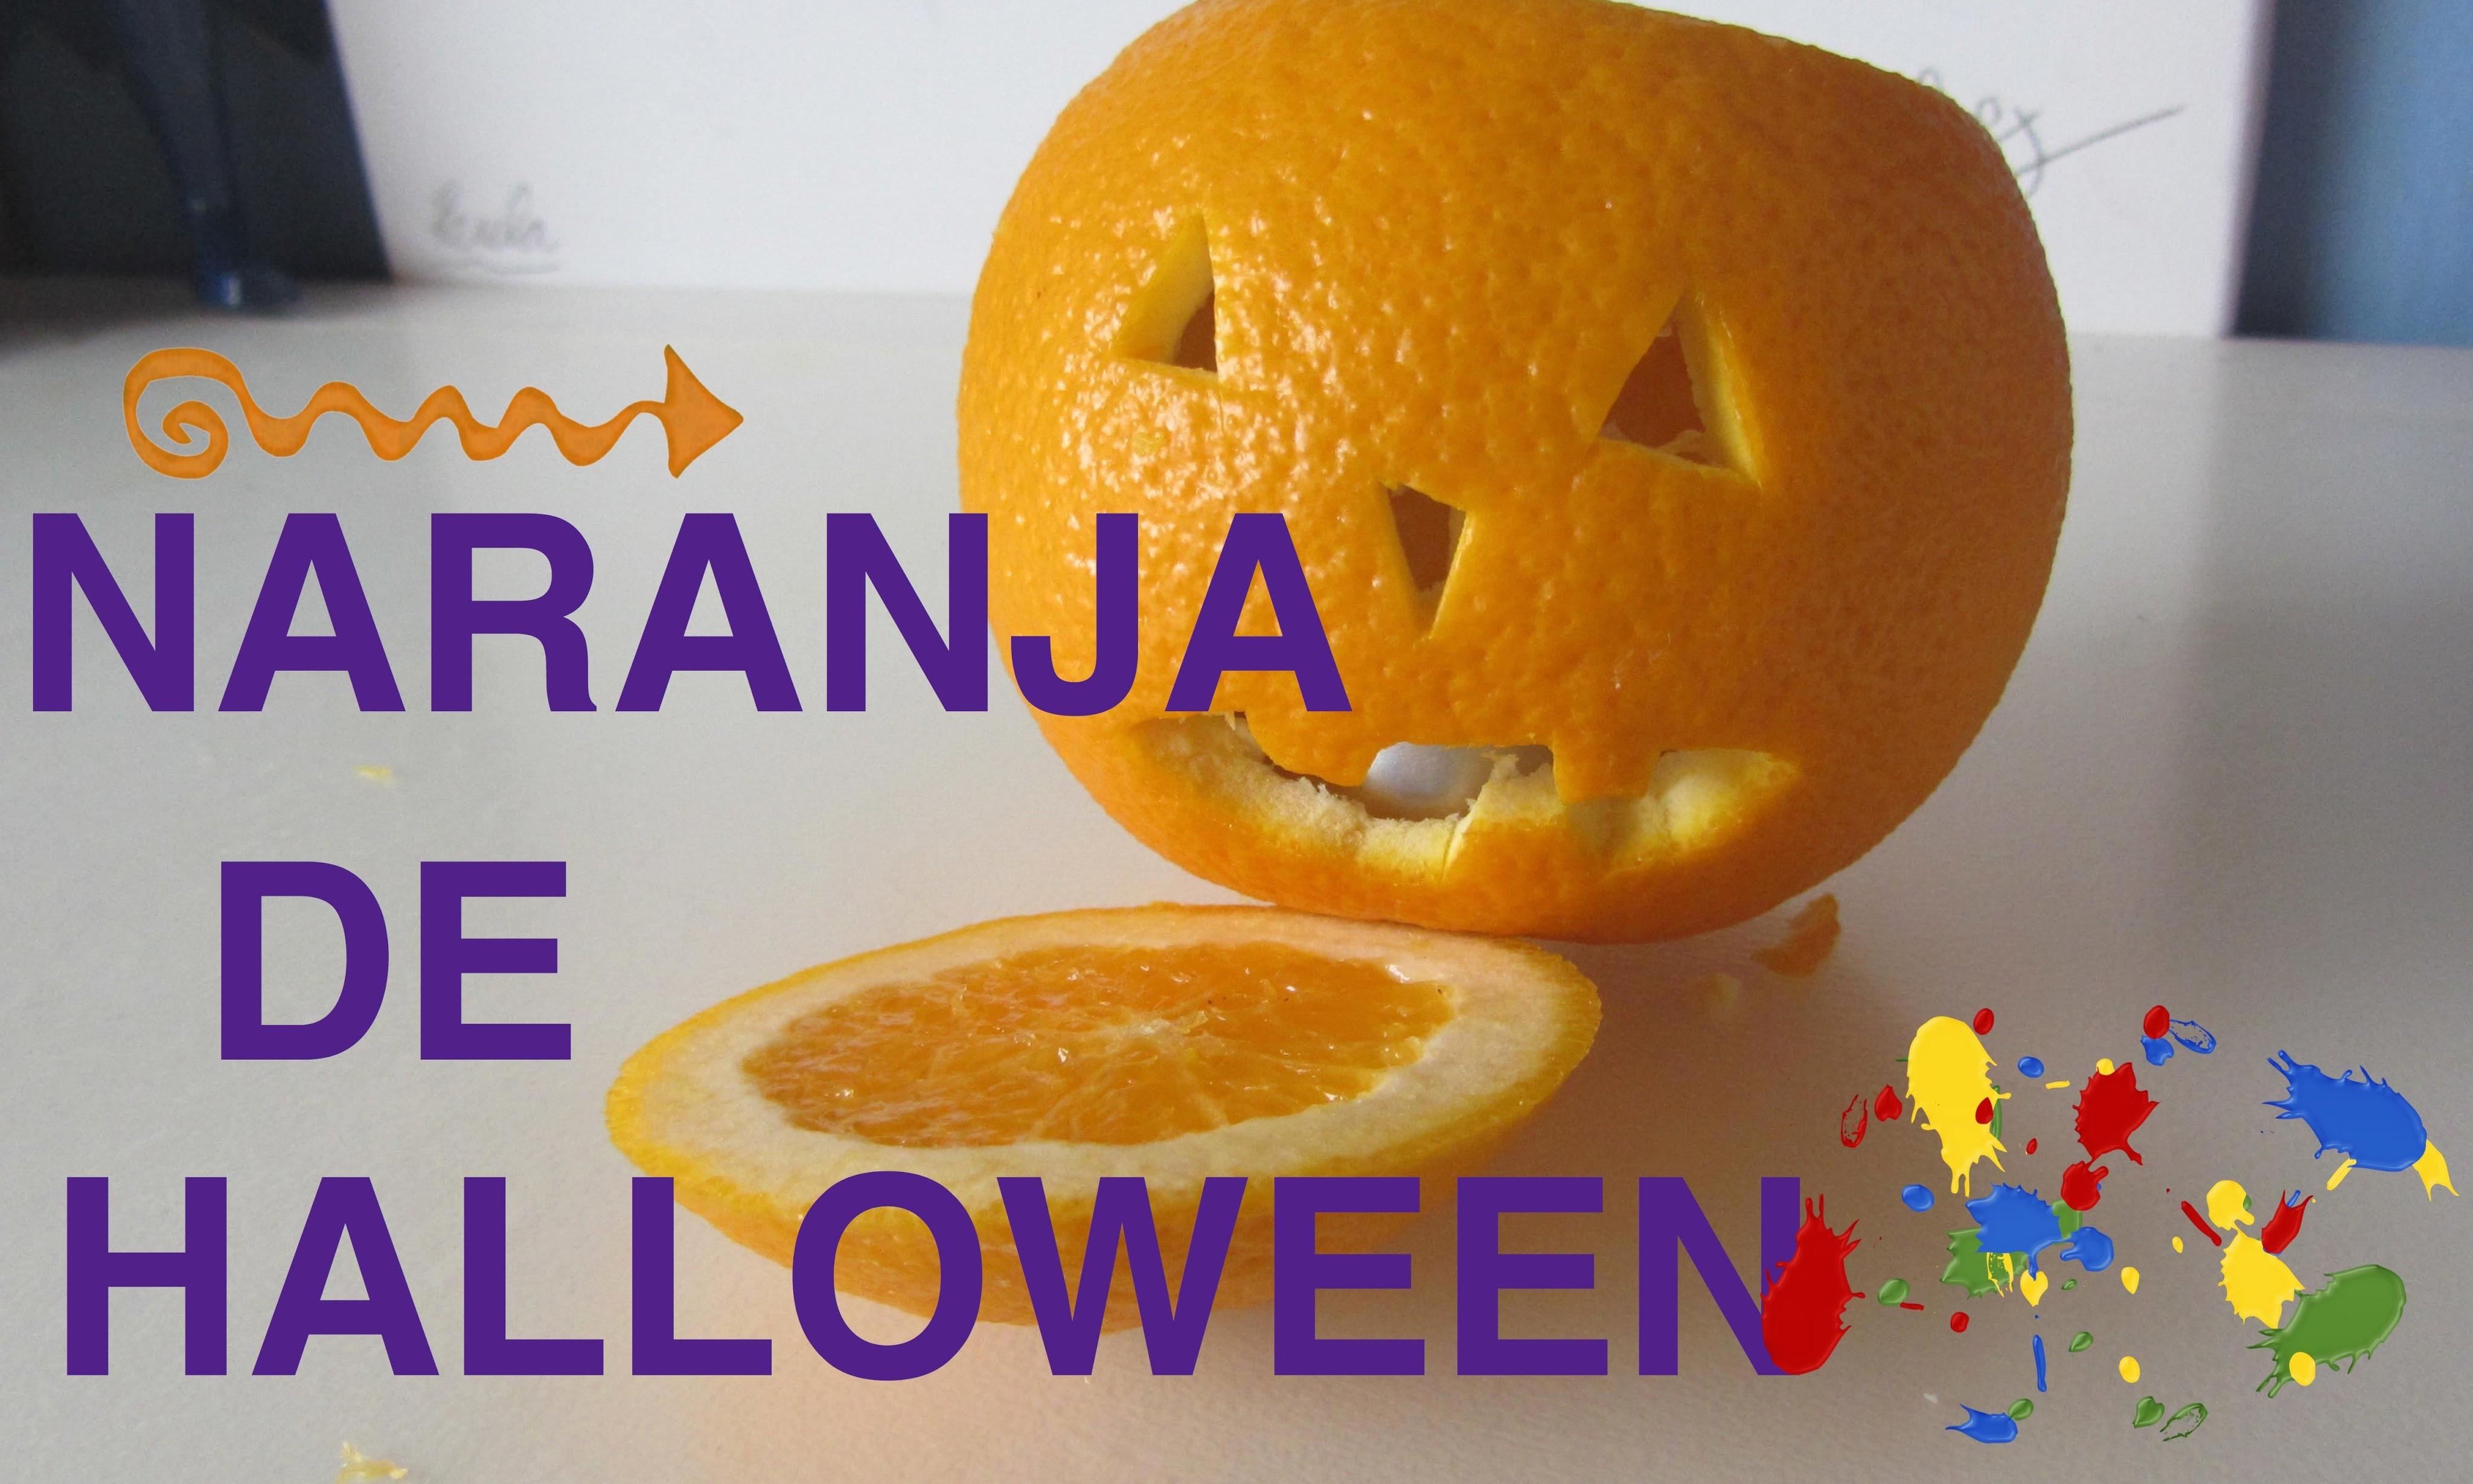 Naranja de halloween